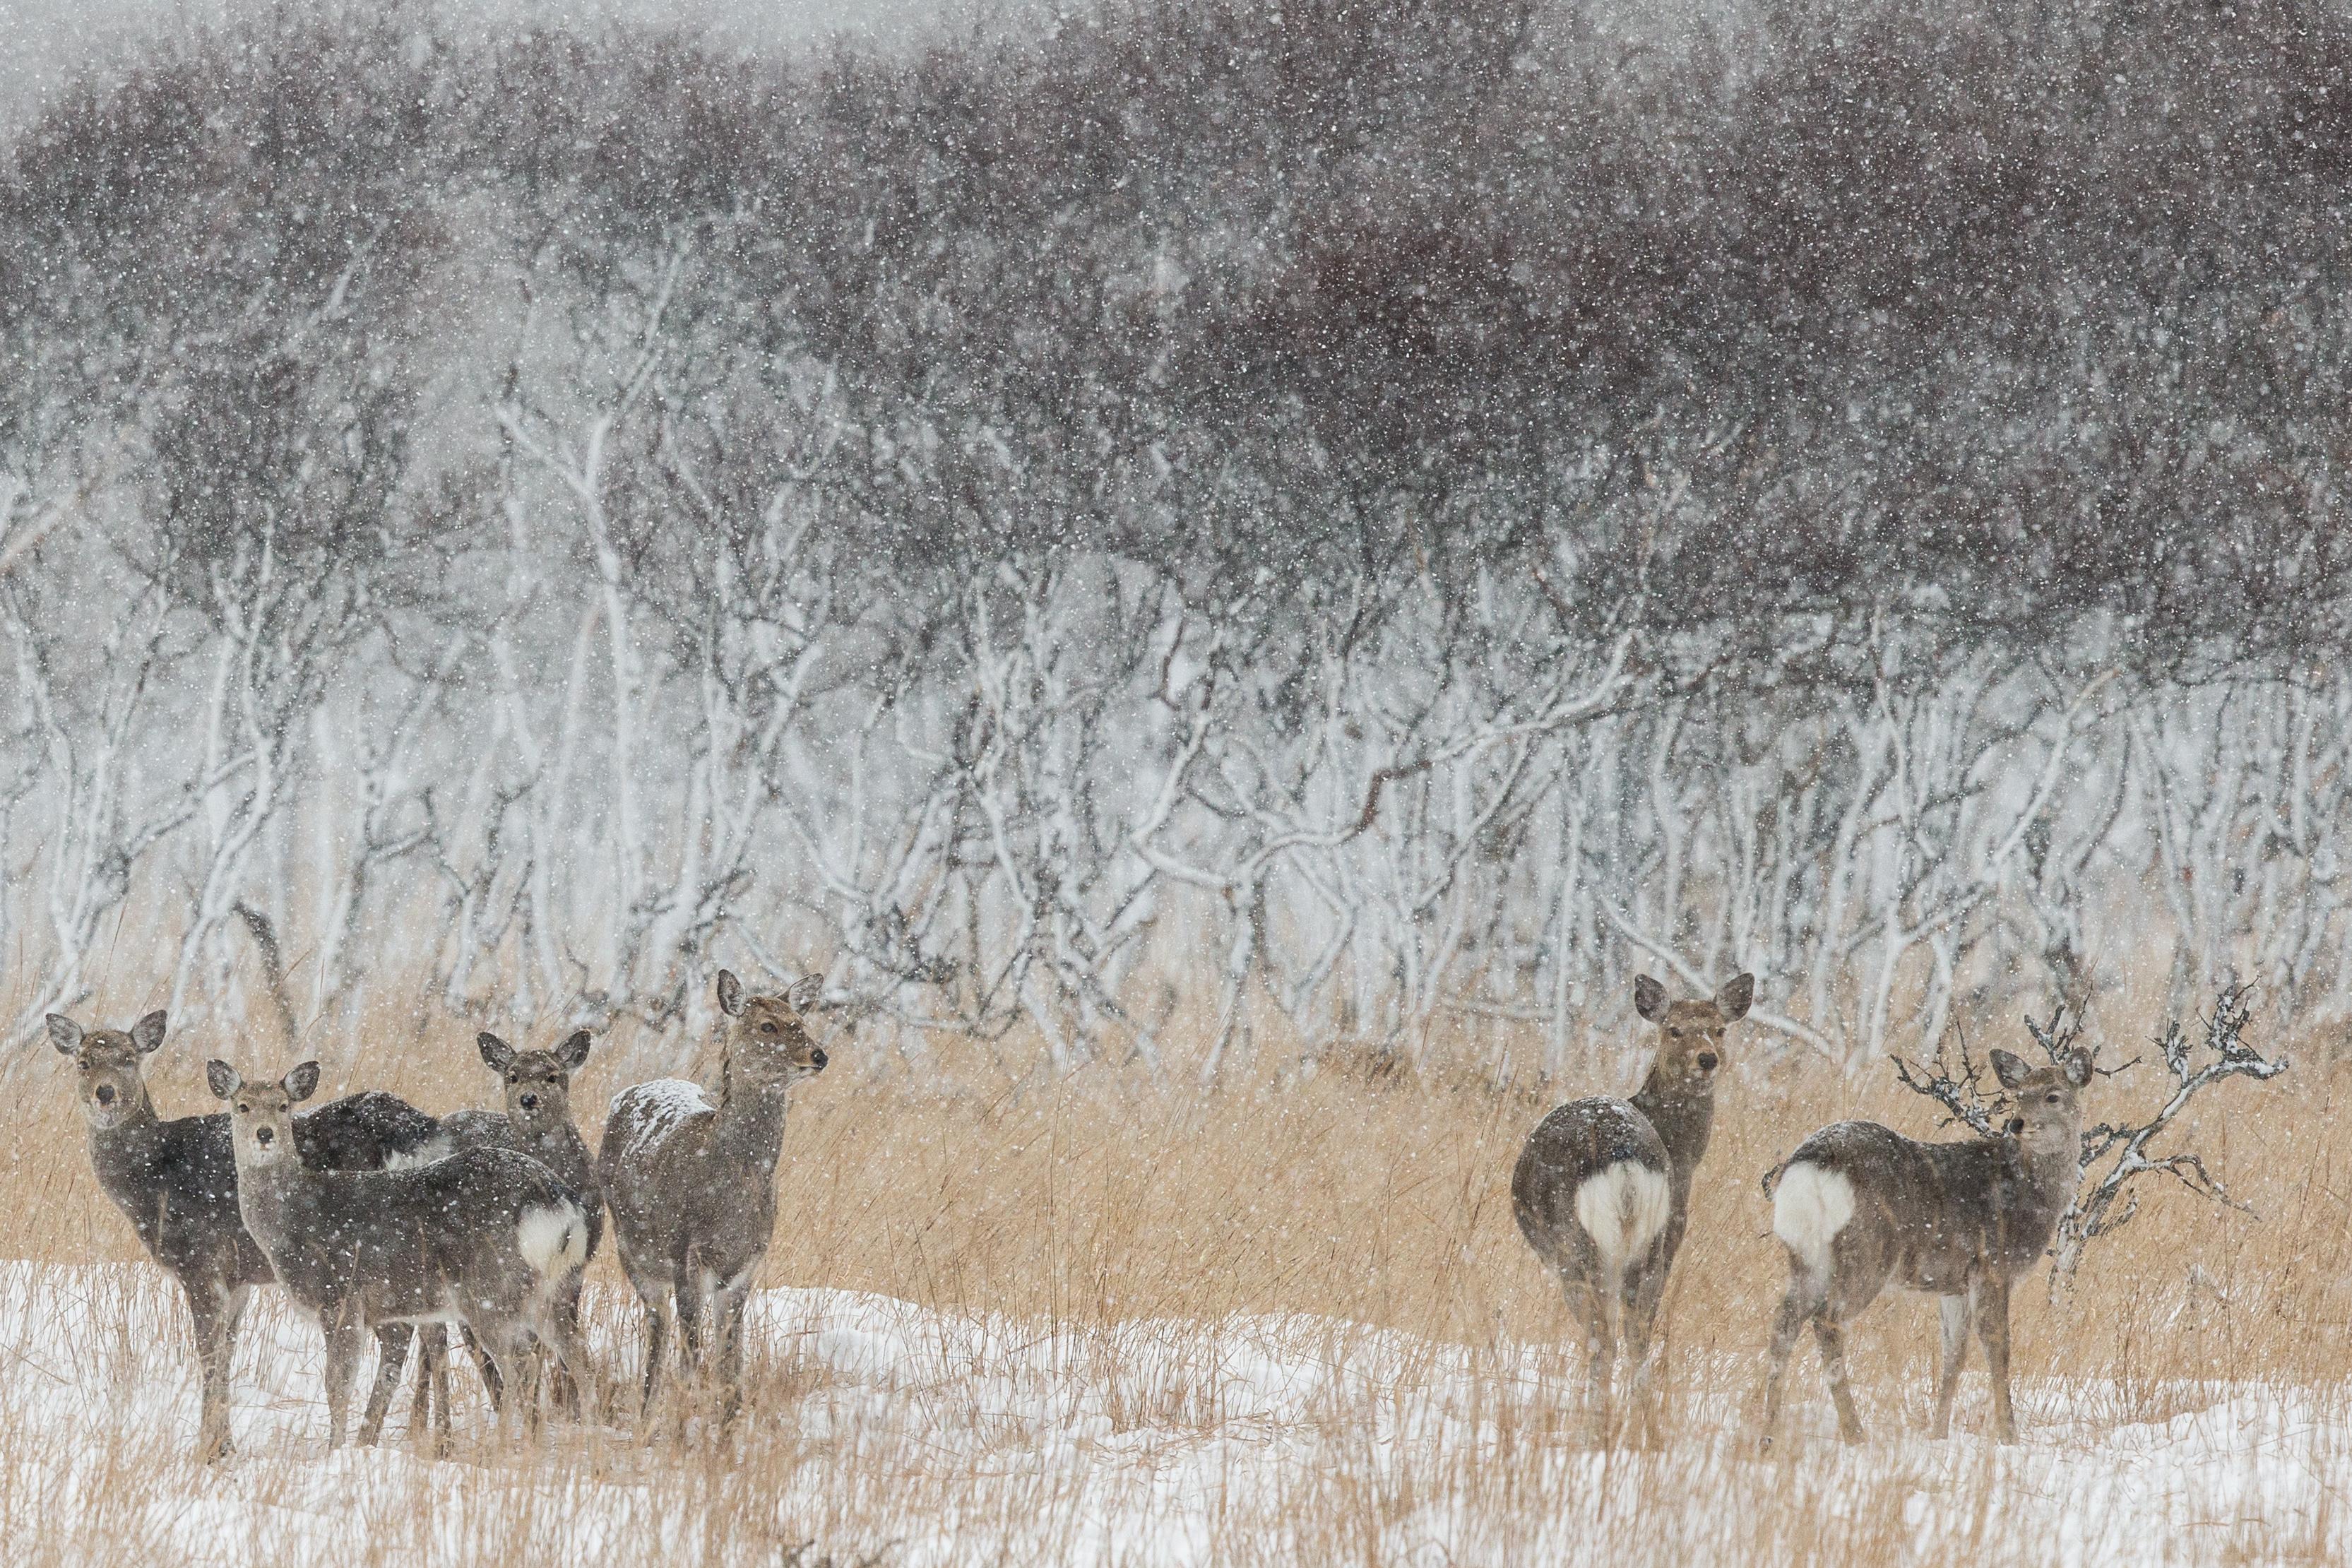 Cerfs Sika - Hokkaido